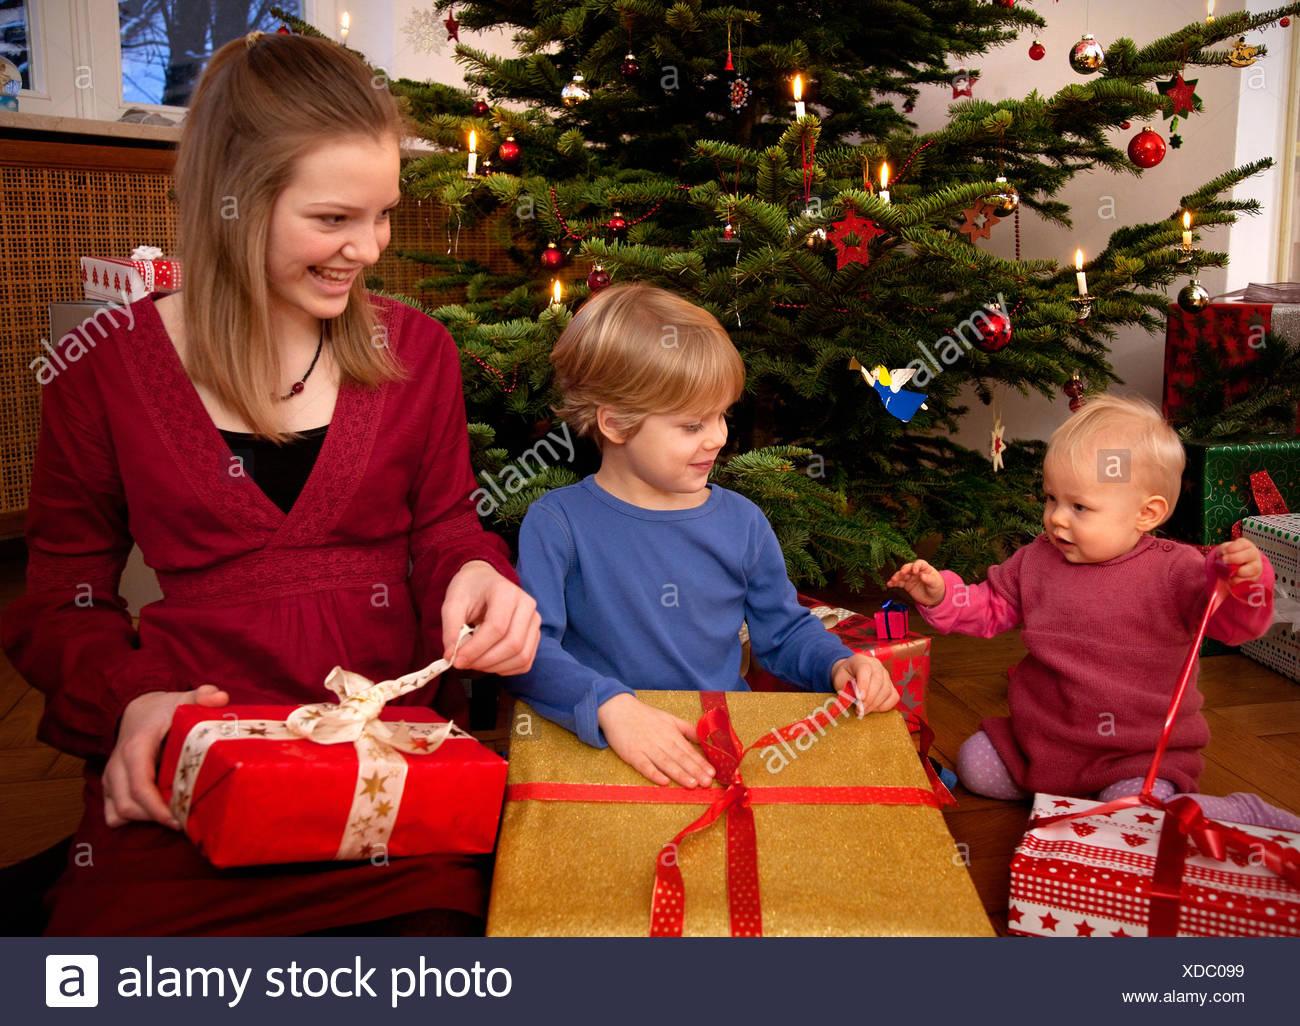 Regali Di Natale Ragazza.Il Ragazzo Baby Ragazza Con I Regali Di Natale Foto Immagine